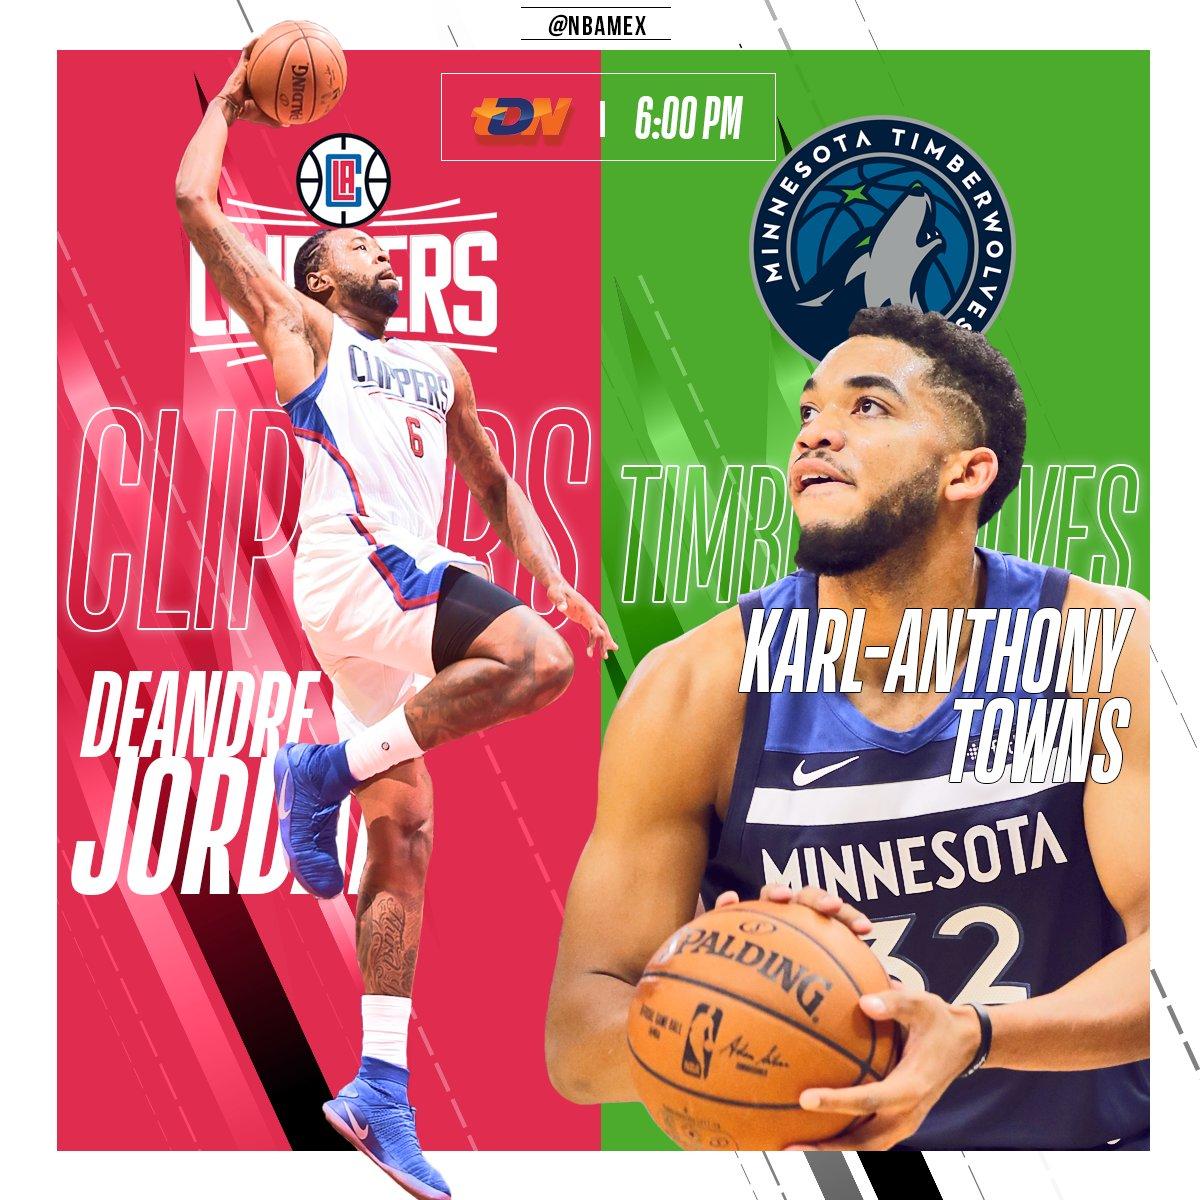 Martes de #NBA por @tdn_twit, con el duelo entre @LAClippers y @Timberwolves. En vivo a las 6:00PM.   ¿Quién es su favorito en este juego?